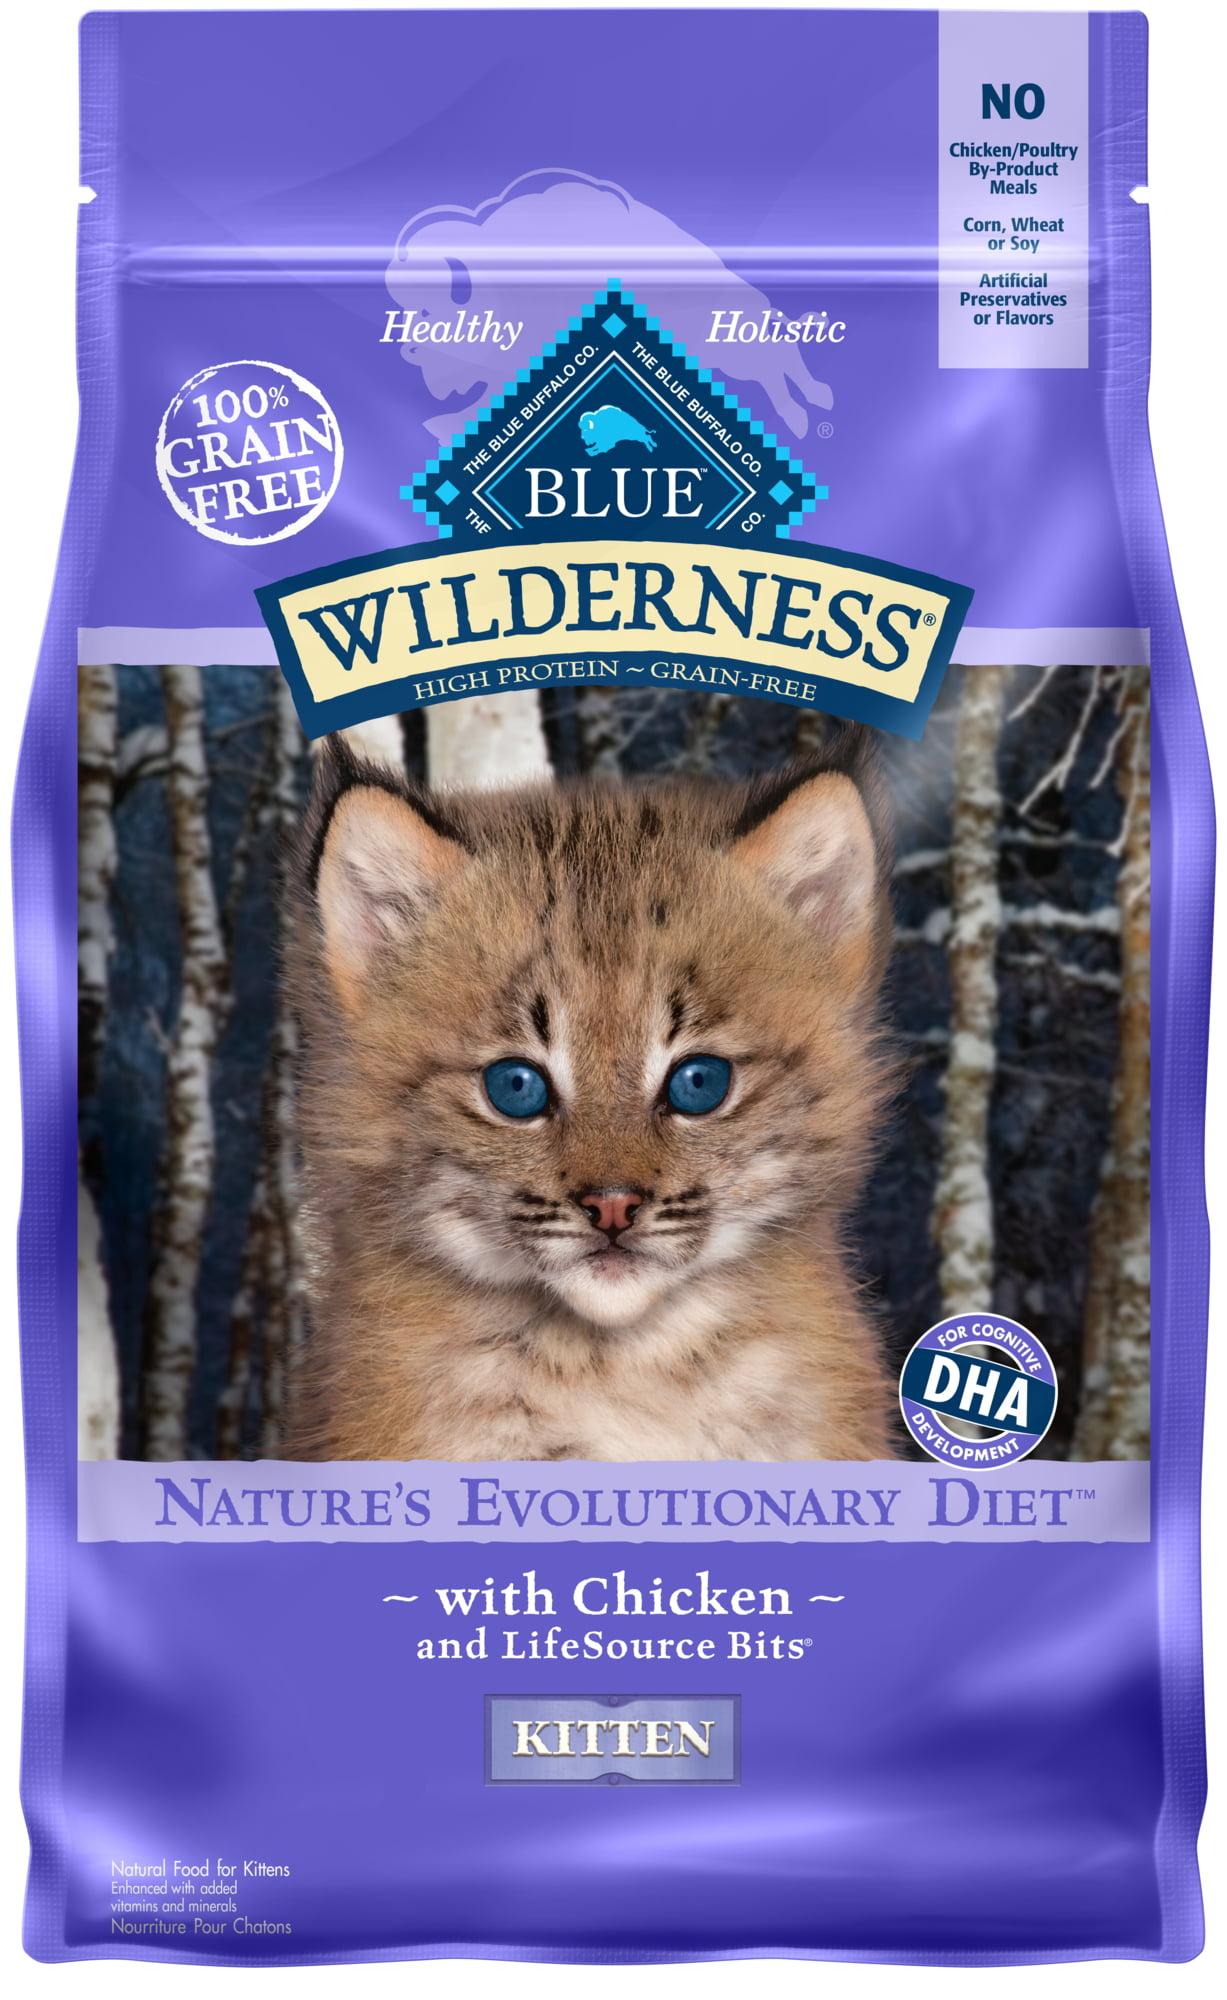 Blue Buffalo Wilderness High Protein Grain Free Natural Kitten Dry Cat Food Chicken 2 Lb Walmart Com Walmart Com